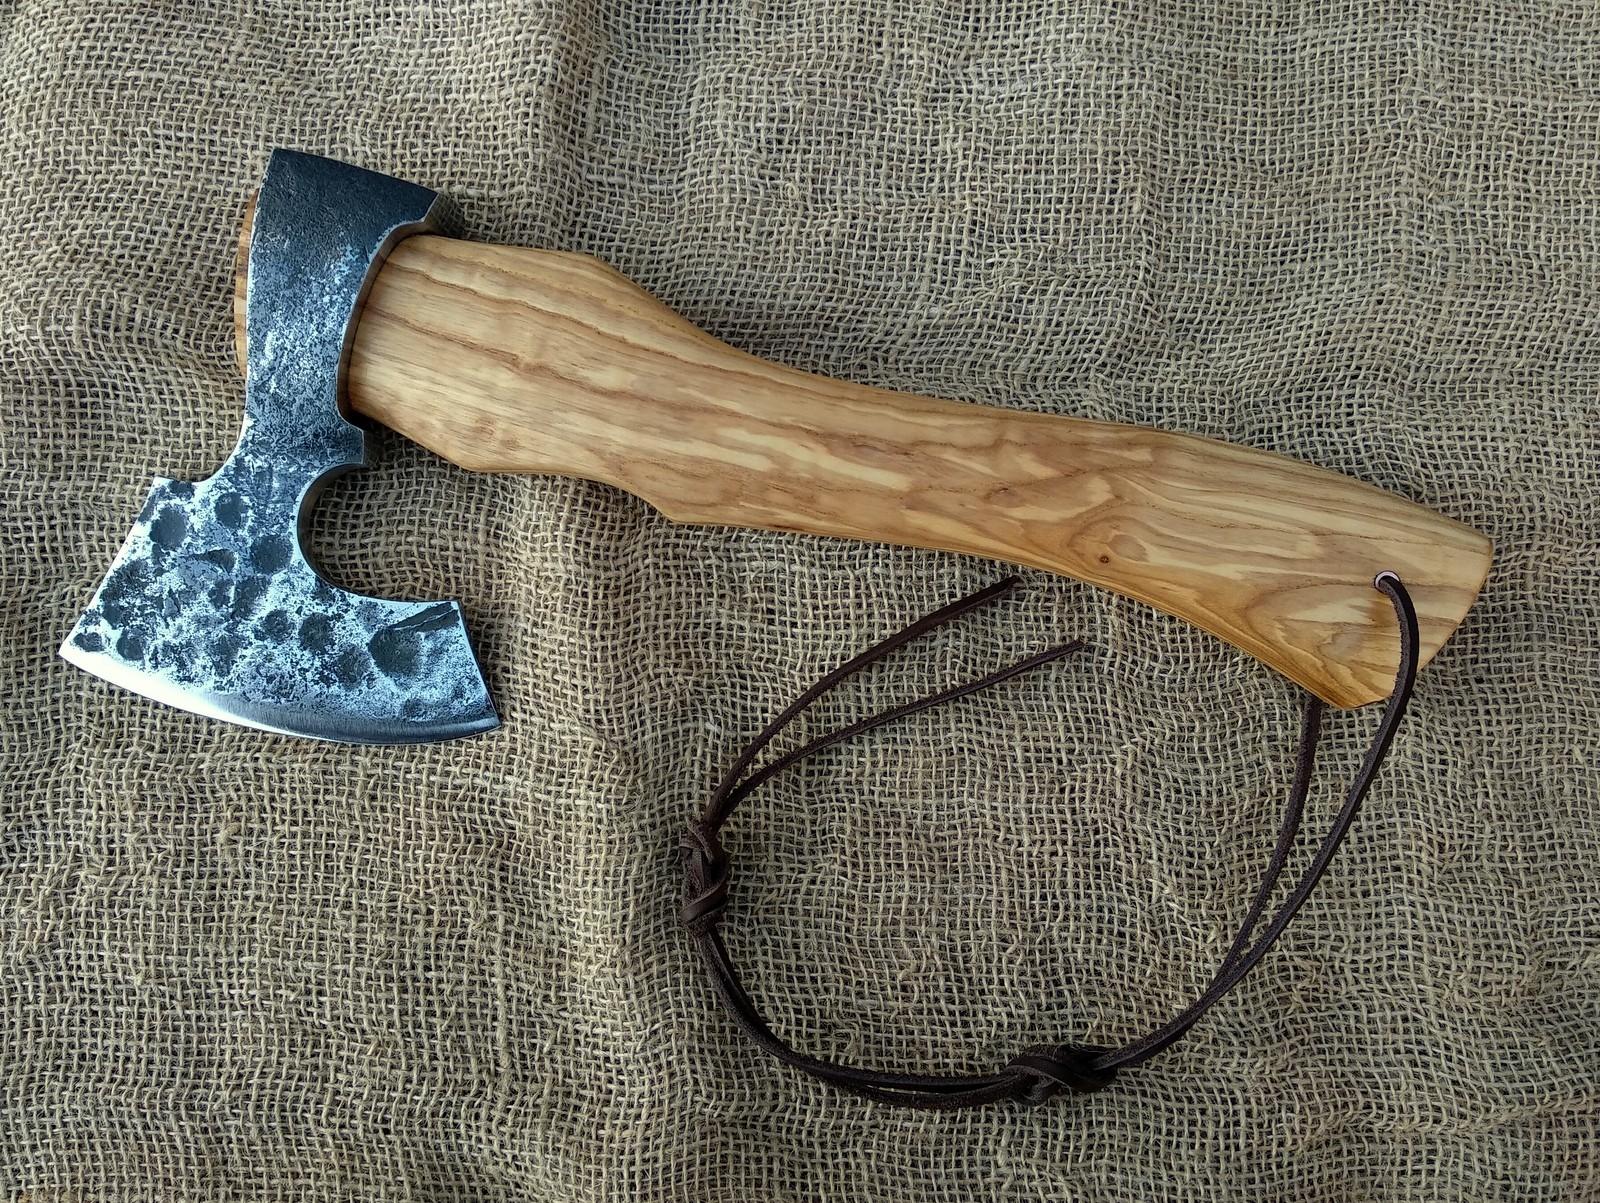 Топор викингов своими руками: обработка ржавого топора, придание формы, нанесение рисунка и травление